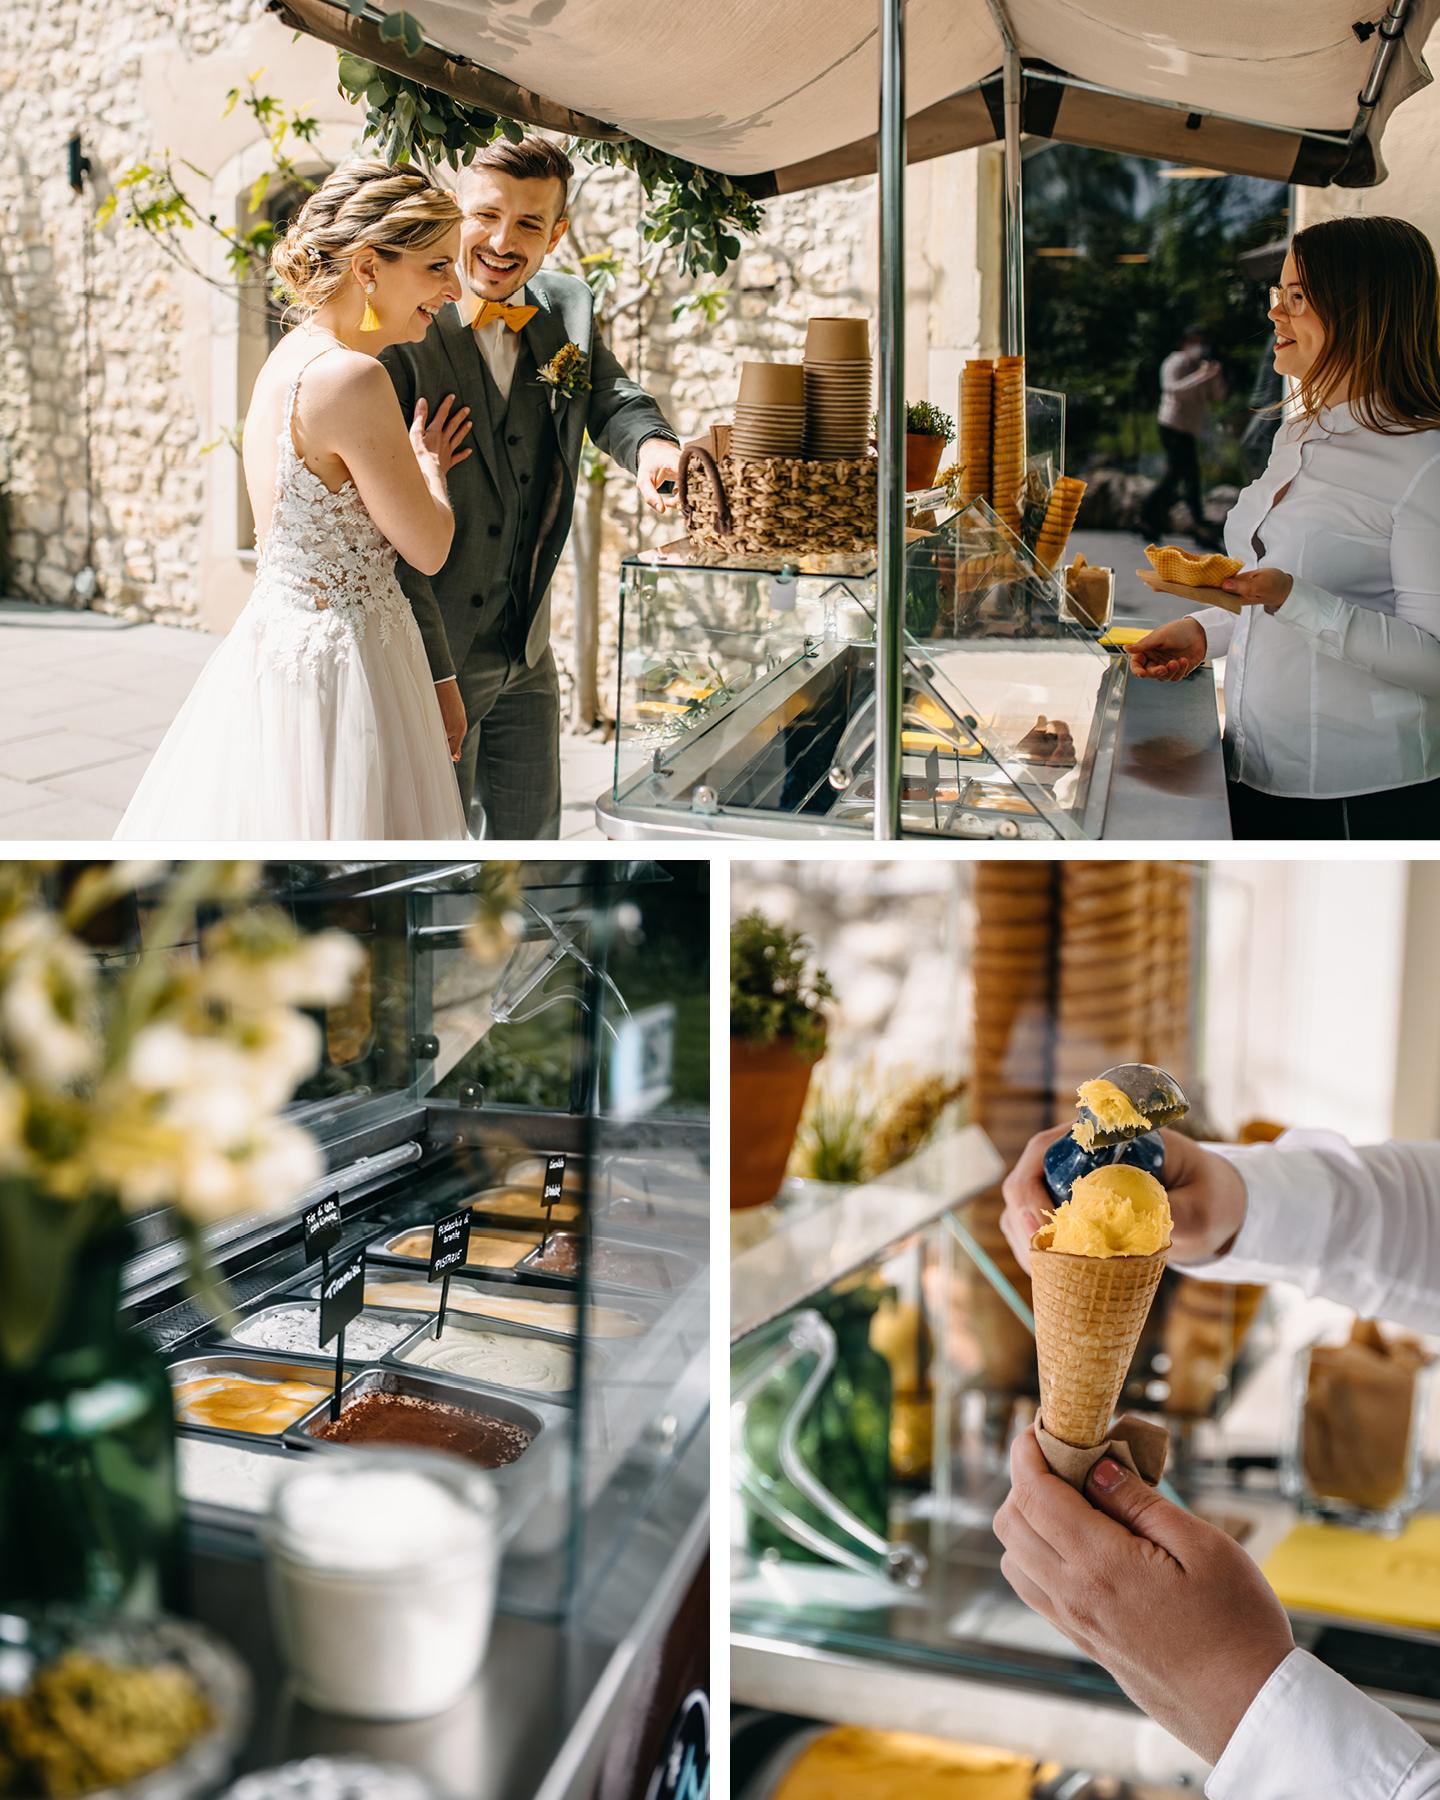 Brautpaar bestellt lachend am Eiswagen ein Eis für ihre Sommerhochzeit am Weingut.